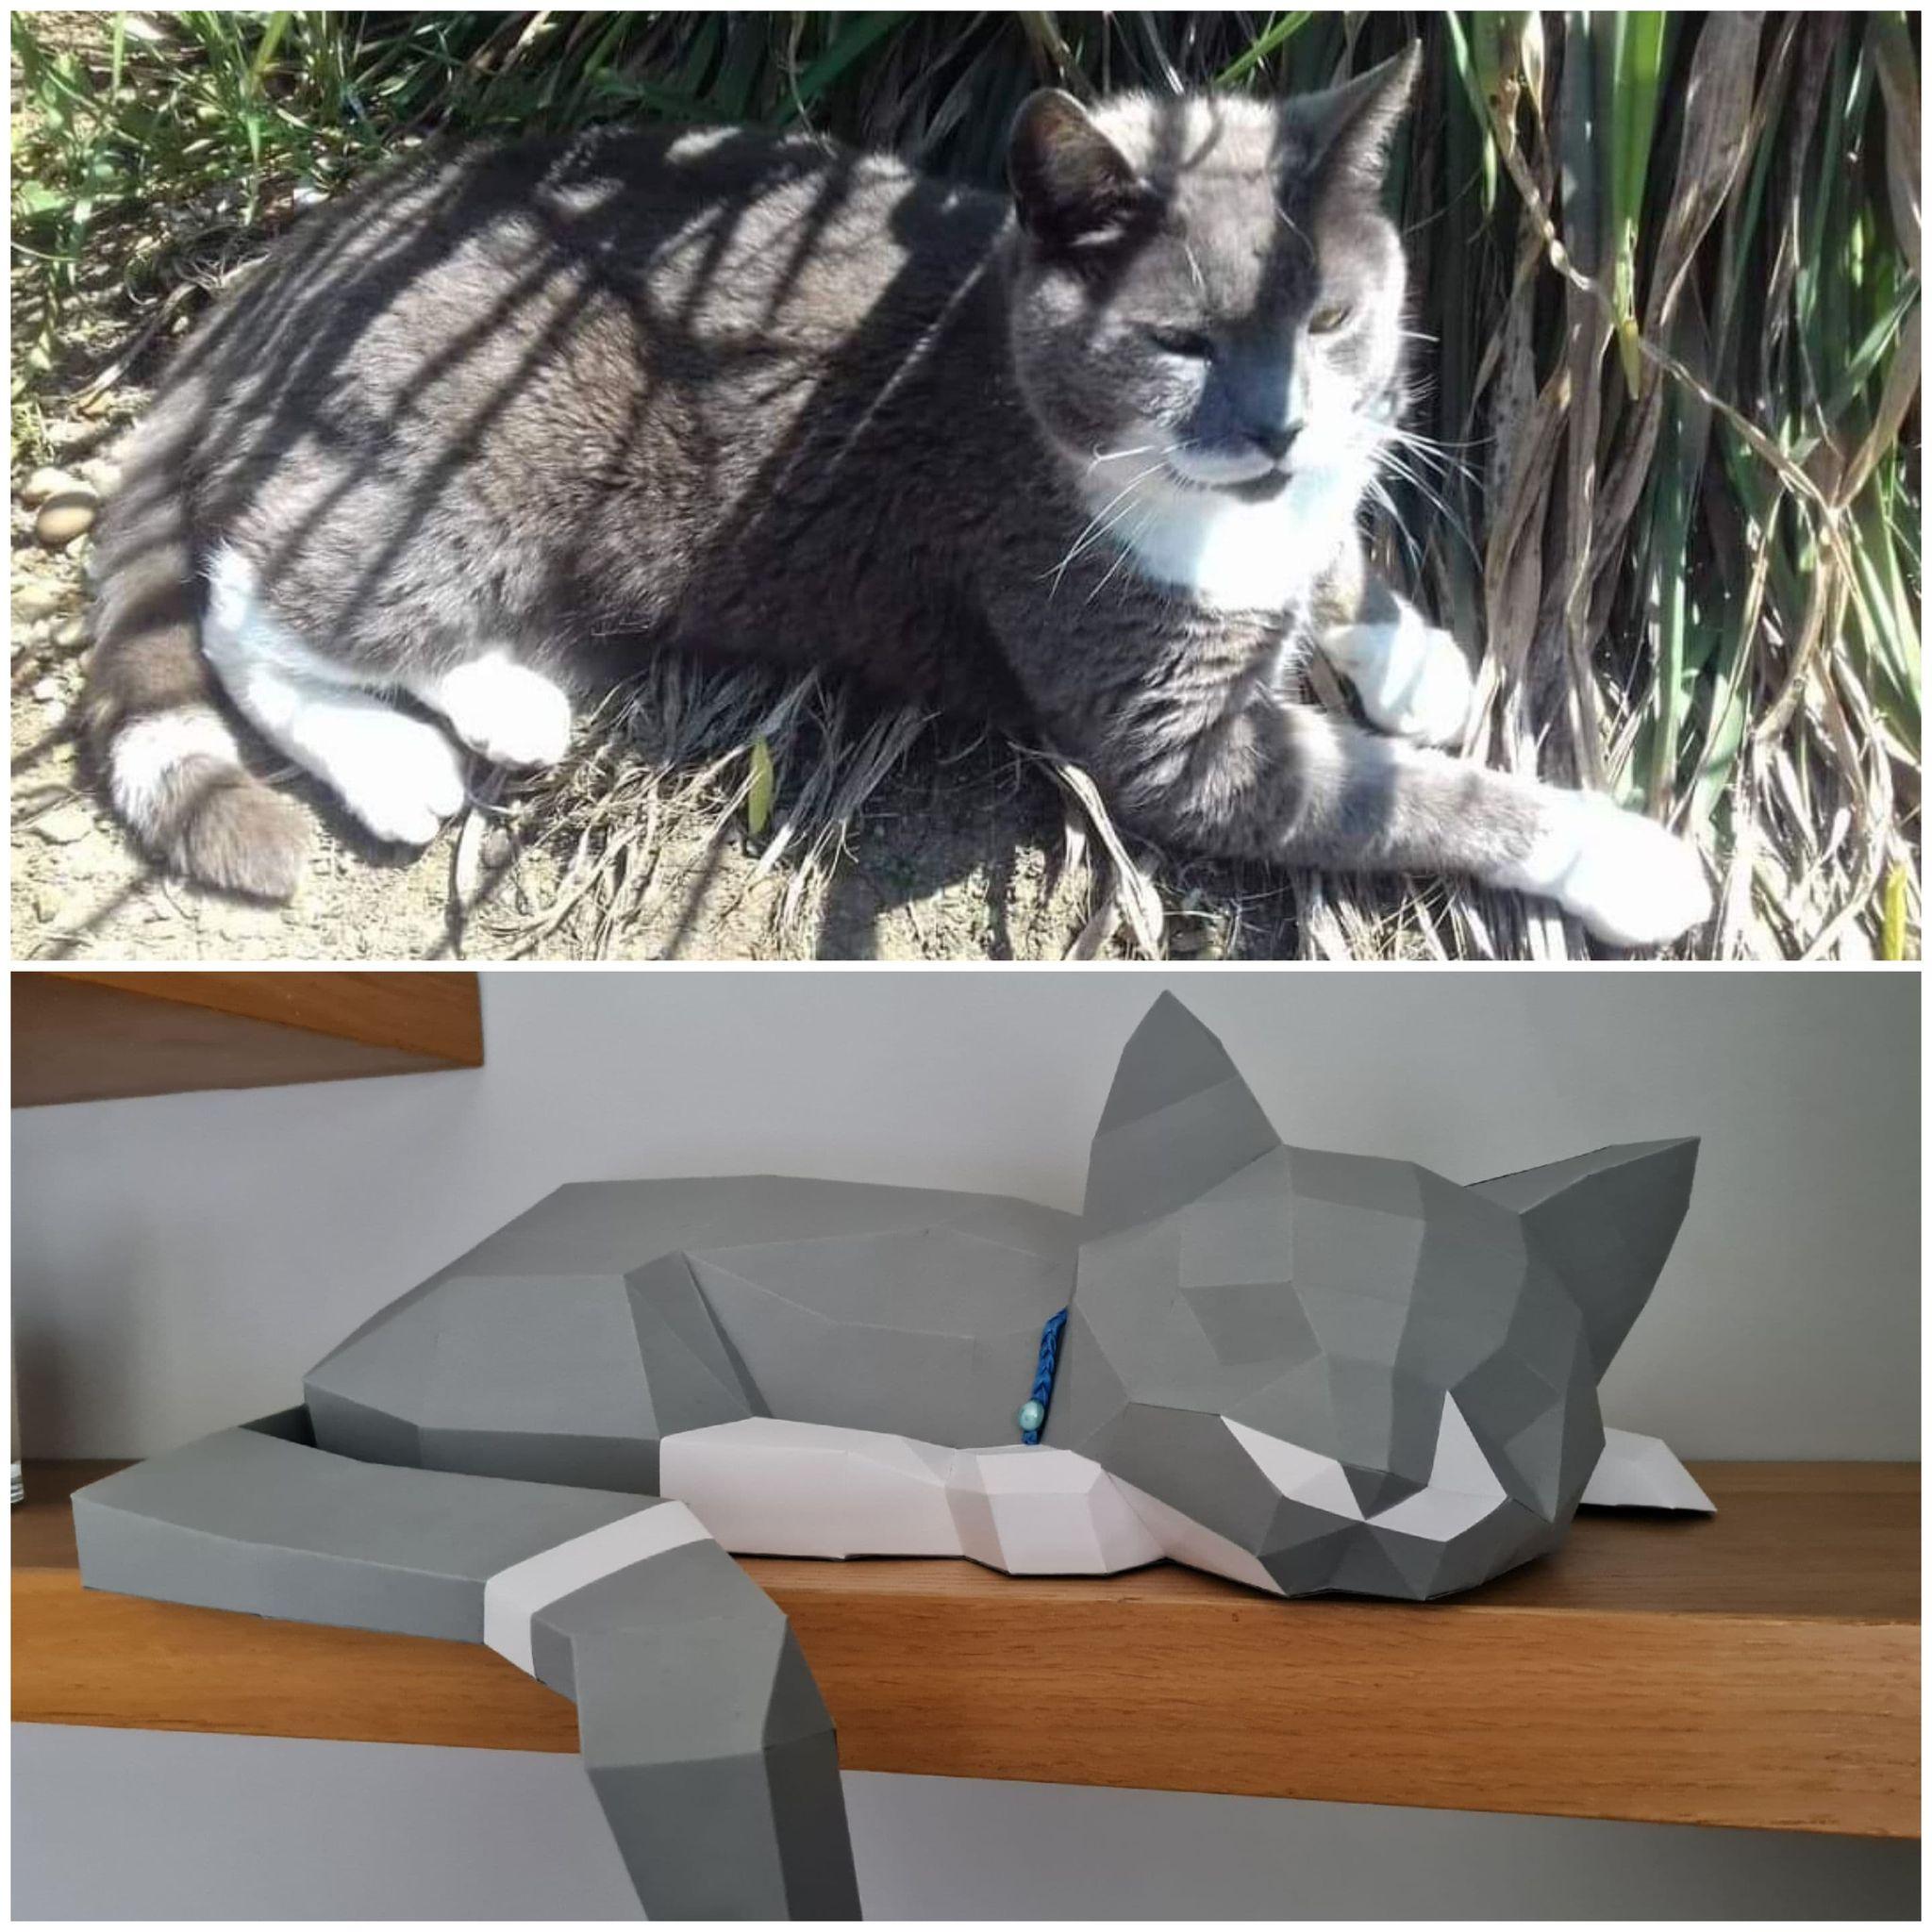 3D Paper Cat Models